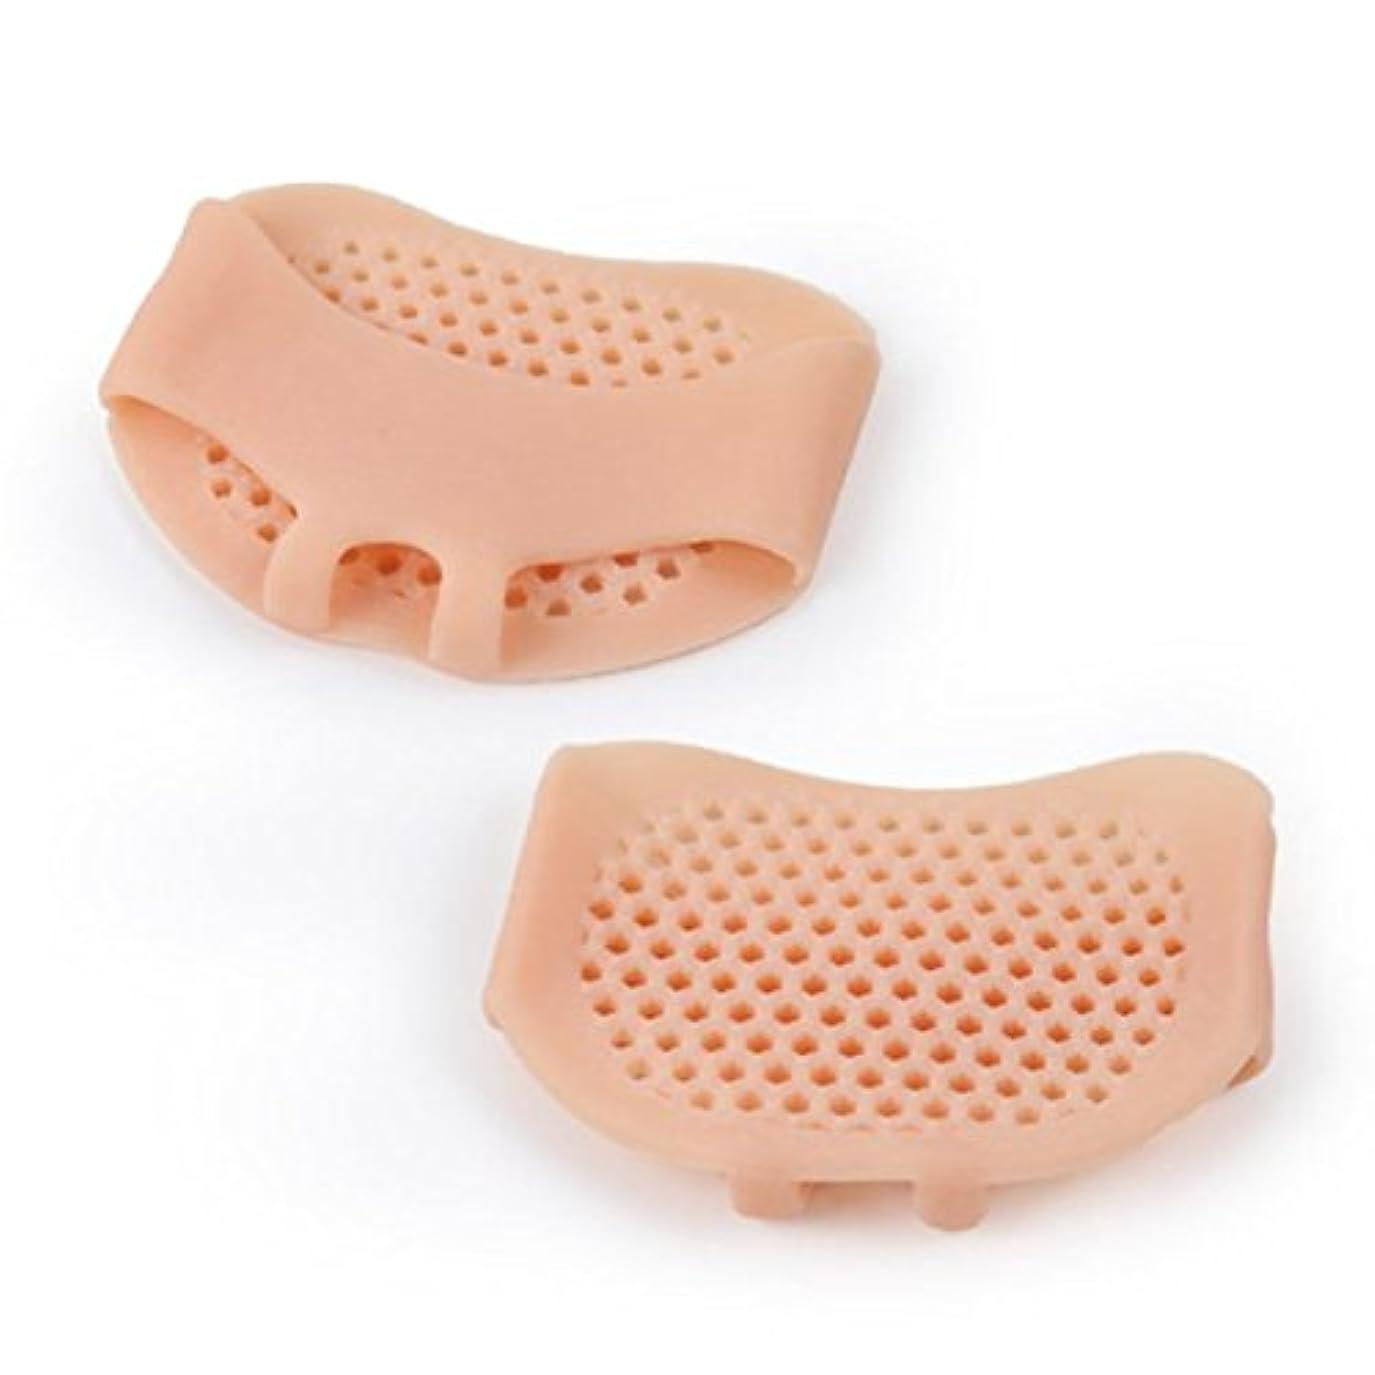 貝殻南アメリカ閉じ込める通気性のあるソフトシリコン女性インソールパッド滑り止め快適な女性フロントフットケアクッションハイヒール靴パッド-肌の色